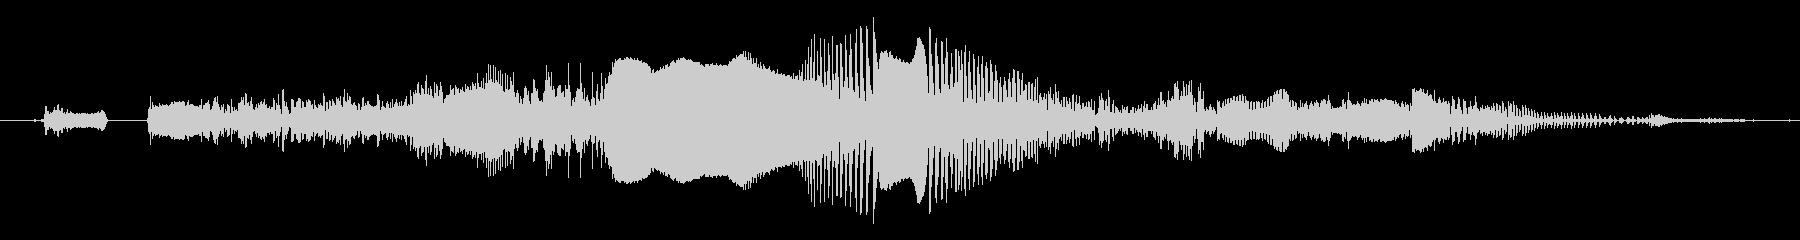 鳴き声 雄のうなり声の未再生の波形